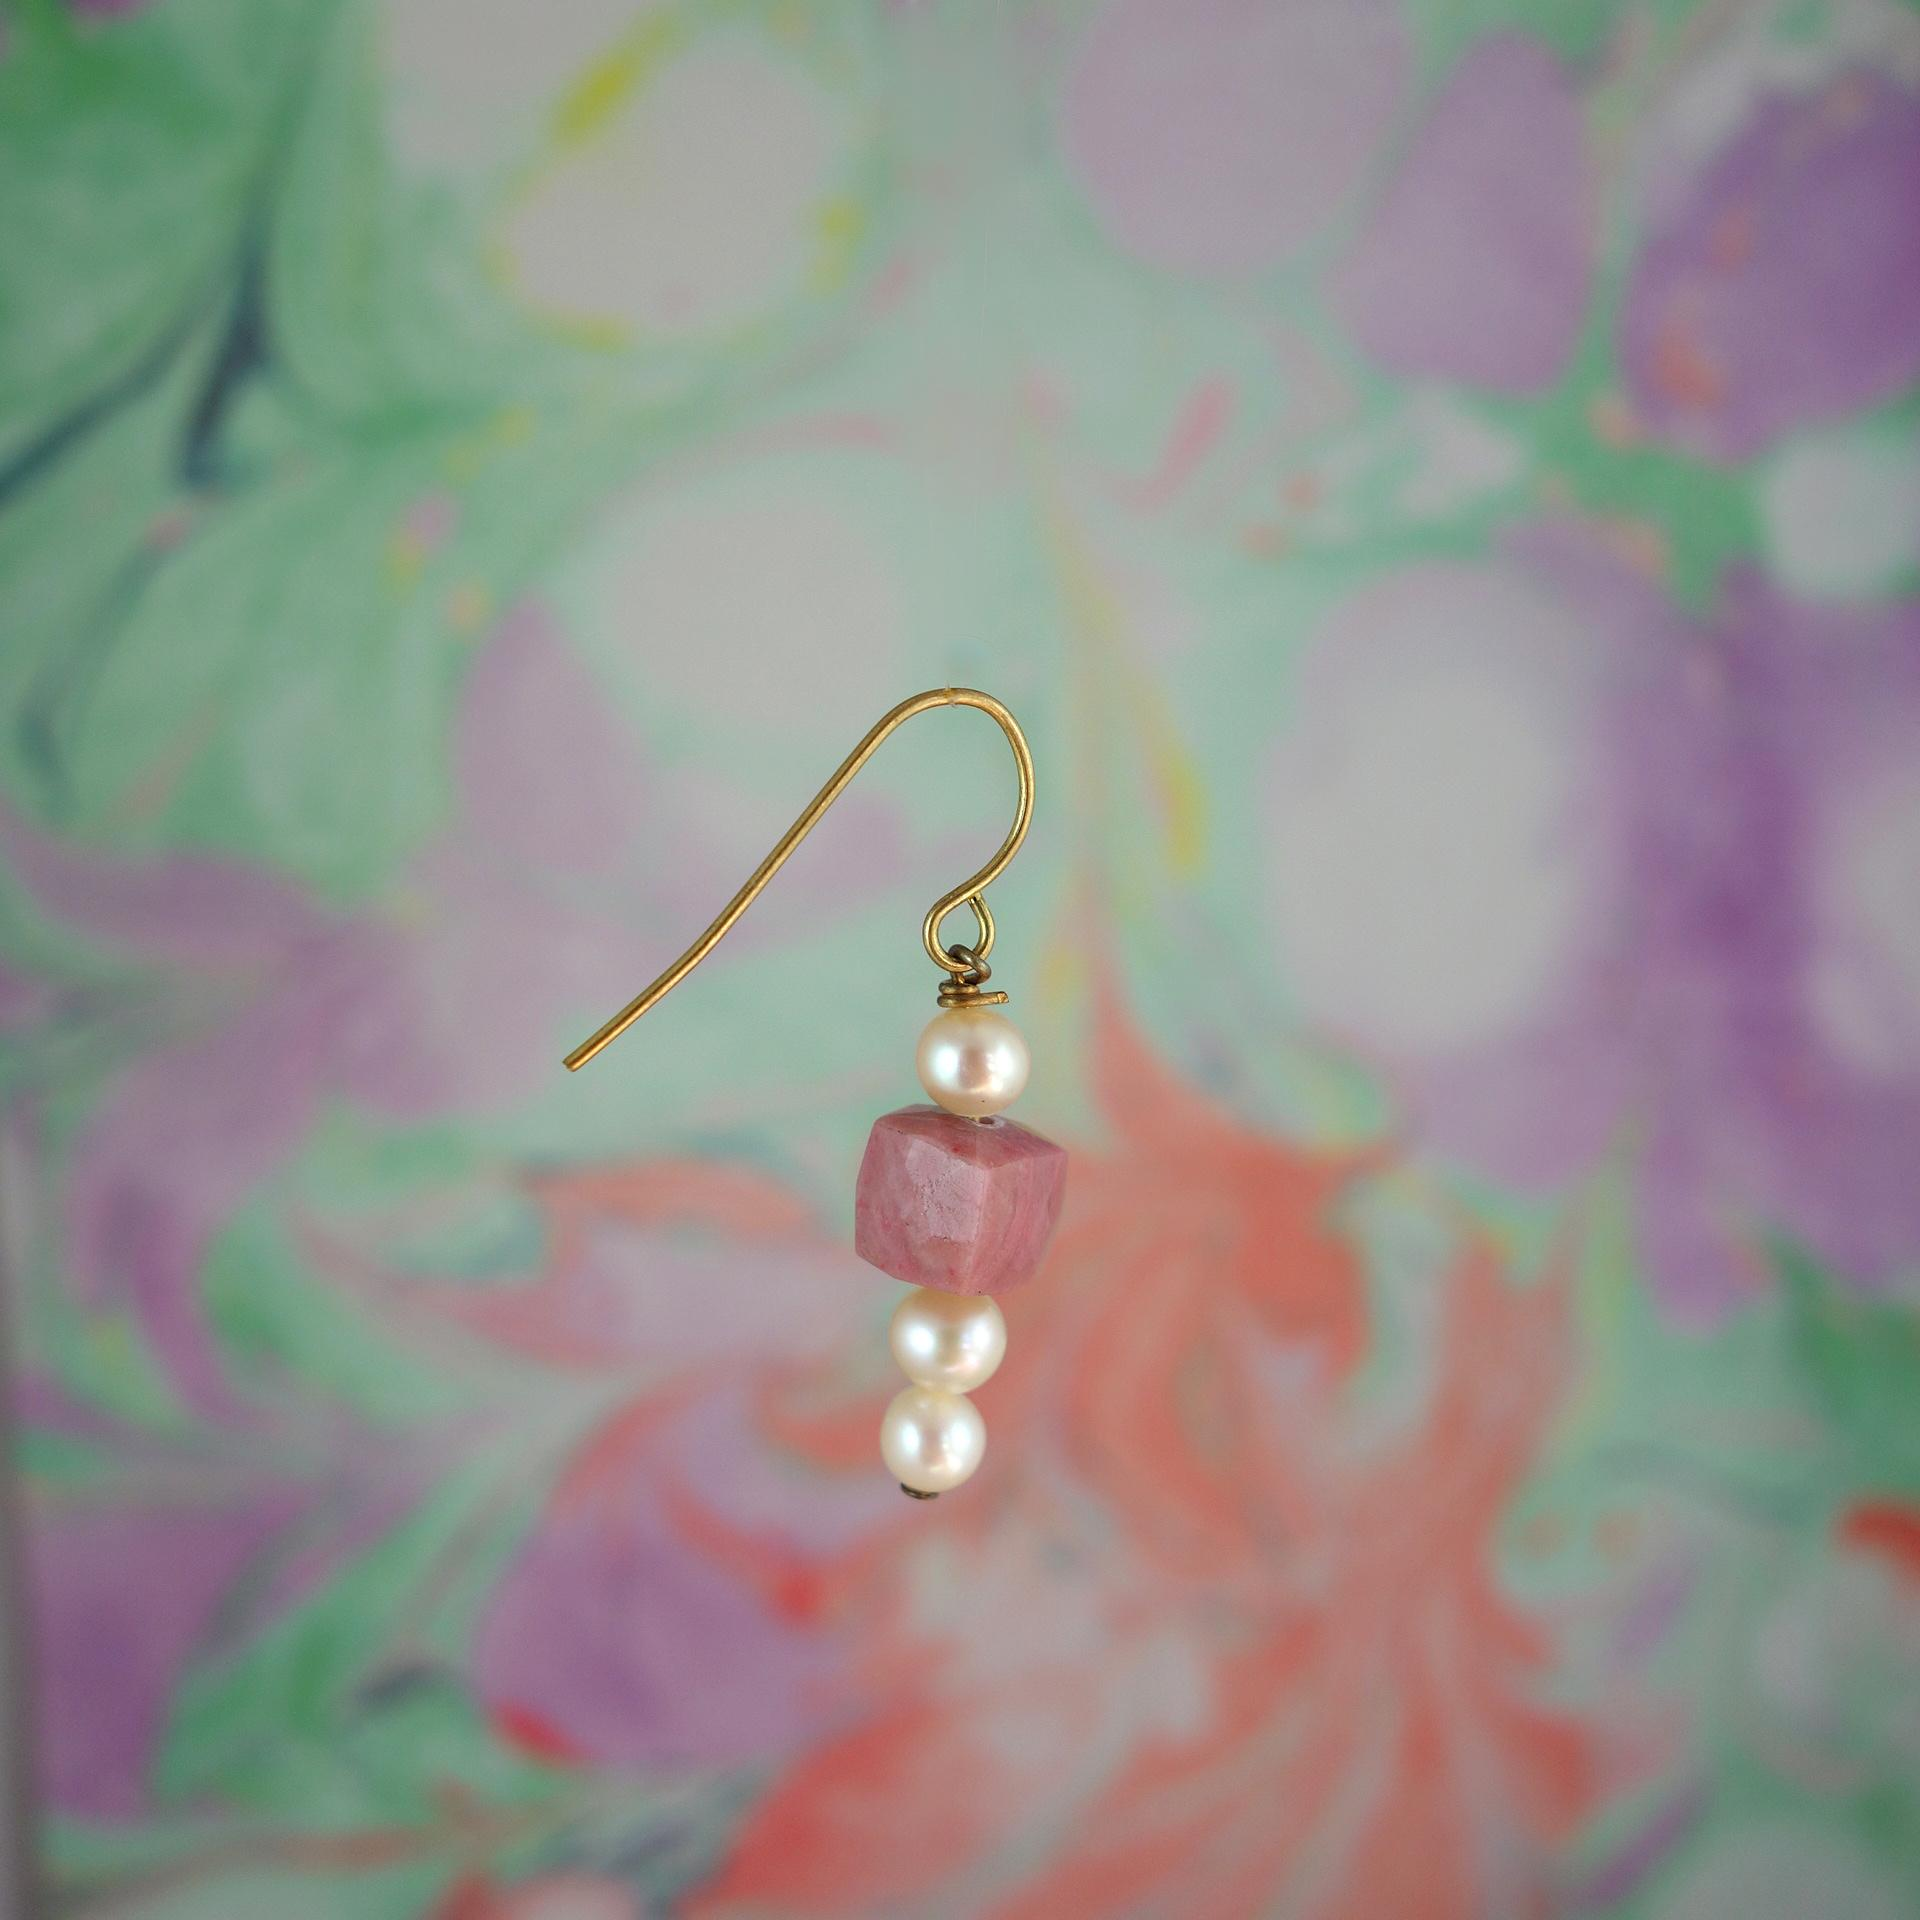 boucle oreille princesse roulotte quartz rose perle dormeuse dore or fin